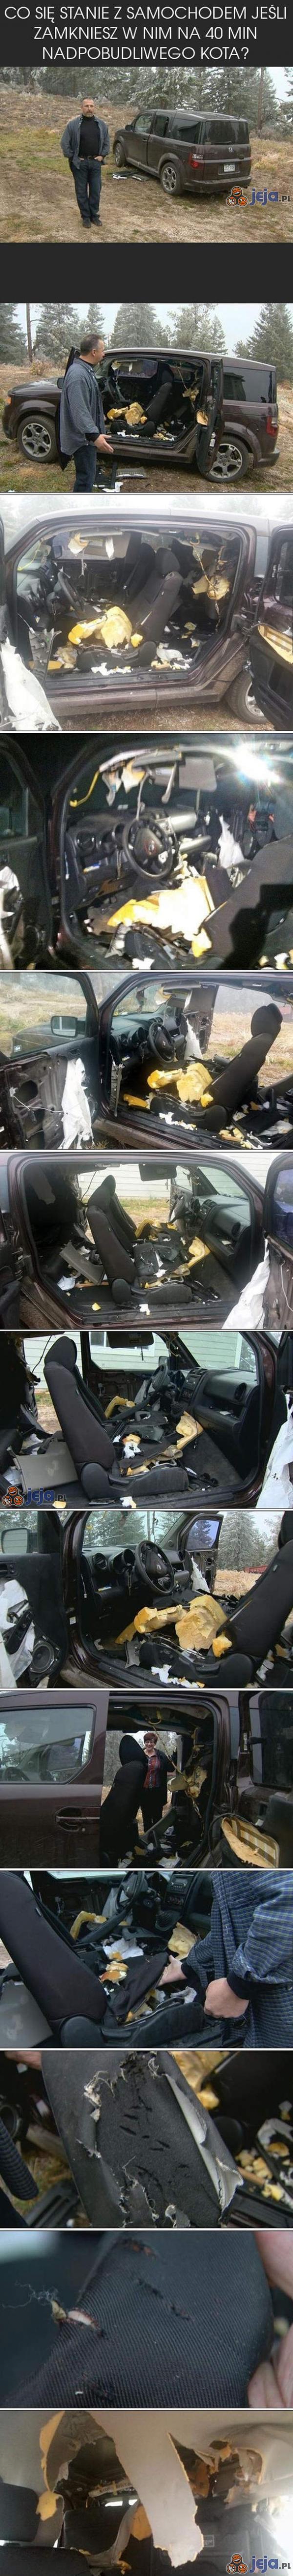 Nadpobudliwy kot sam w samochodzie